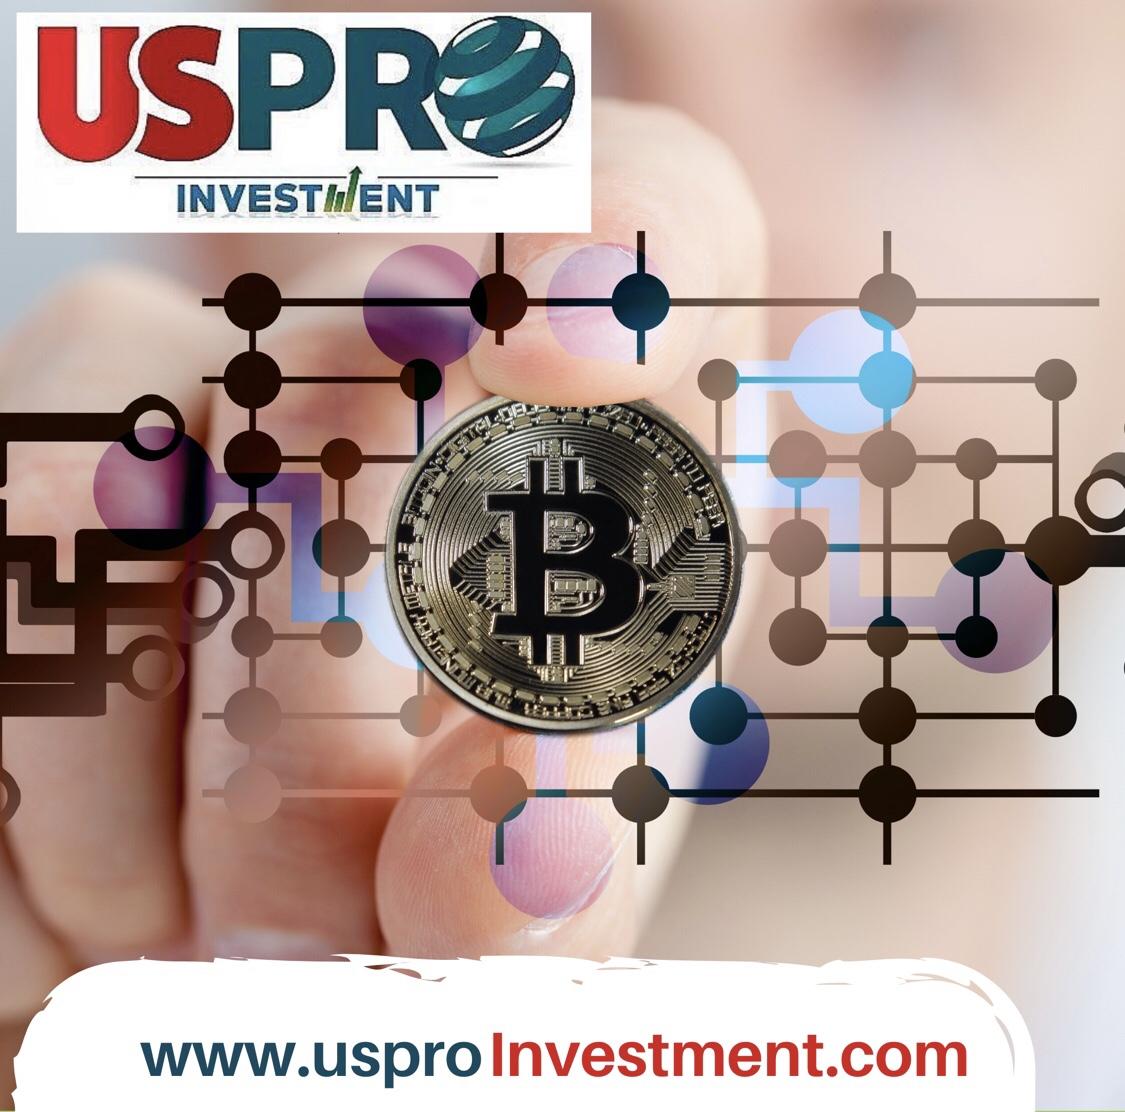 El salto del Bitcoin en un 16% y las criptomonedas aumentan en unos $ 23.8 mil millones en 24 horas